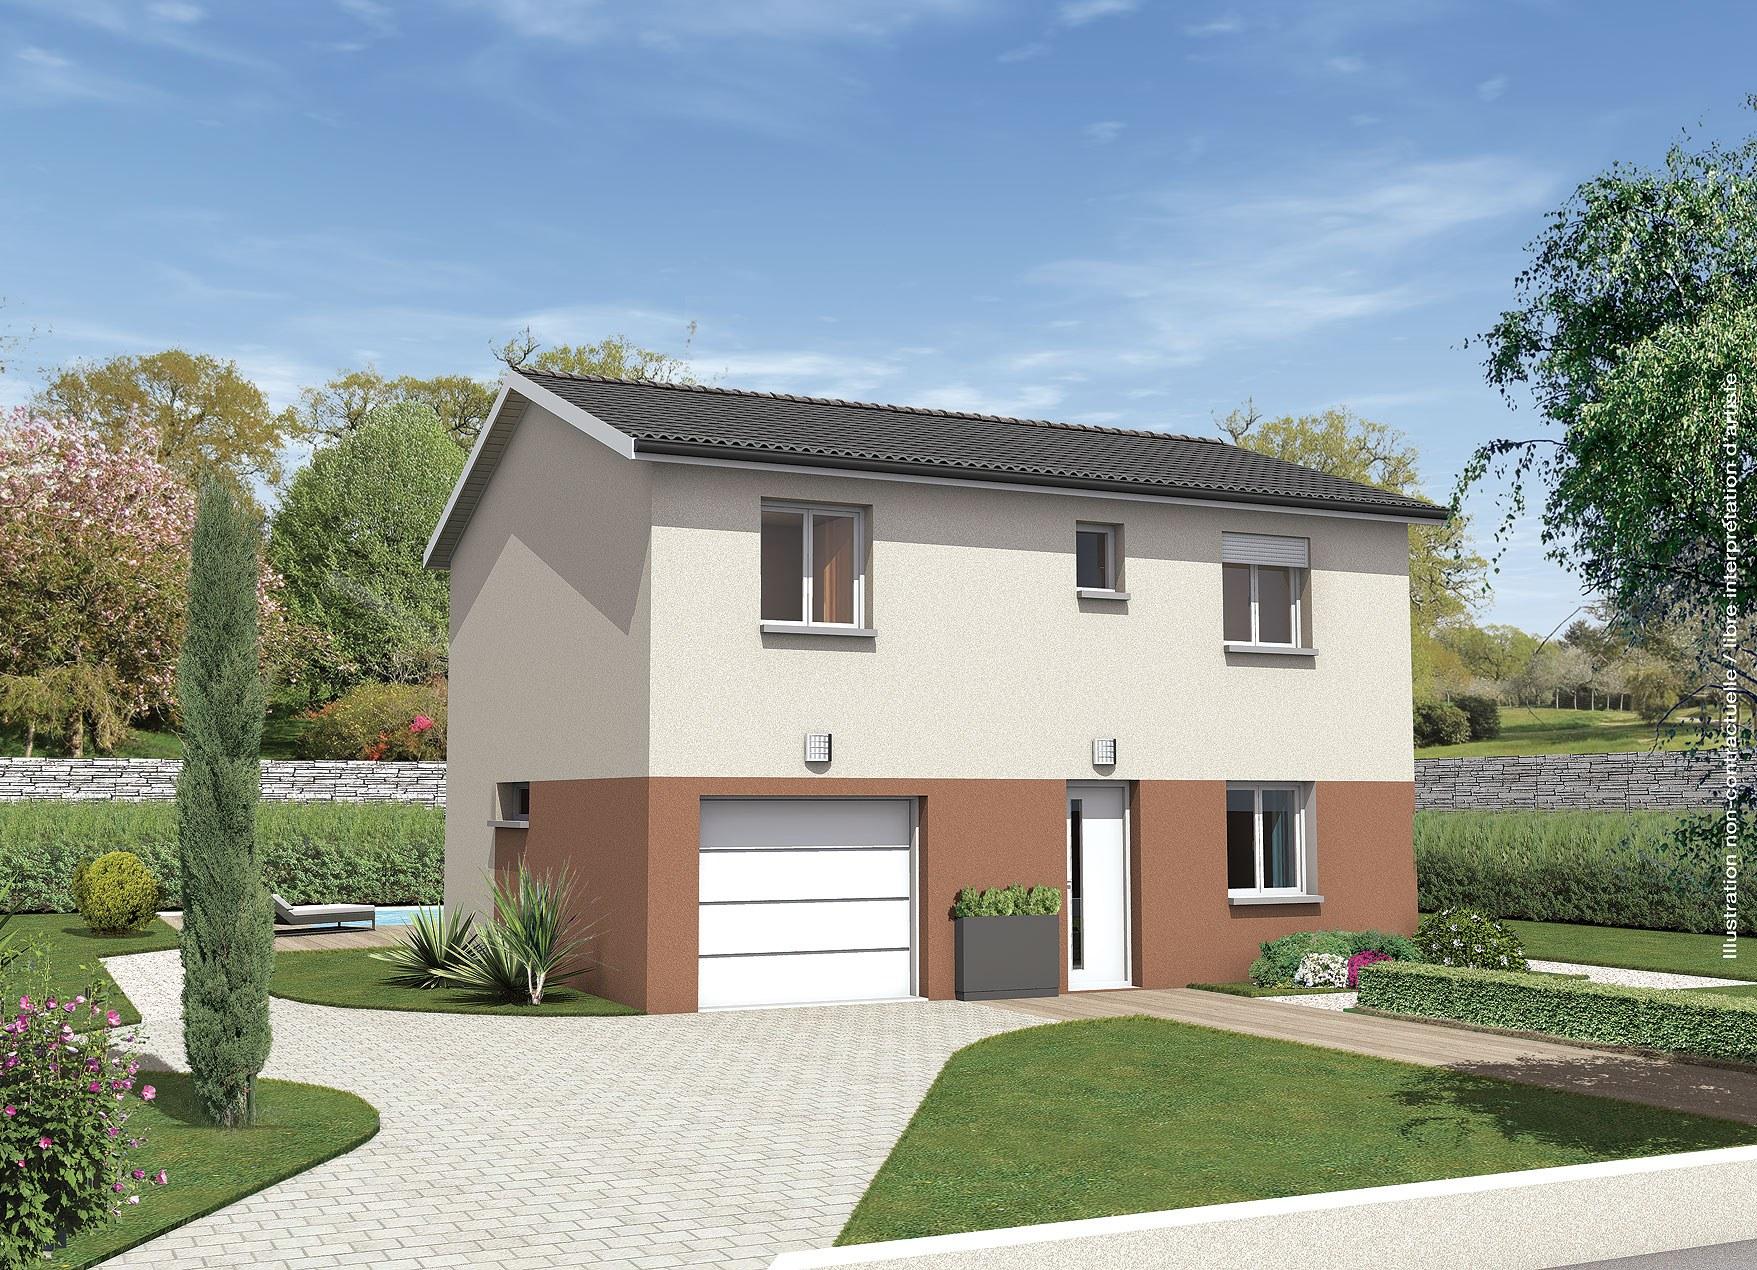 Maisons + Terrains du constructeur MAISONS PUNCH • 90 m² • LES OLMES